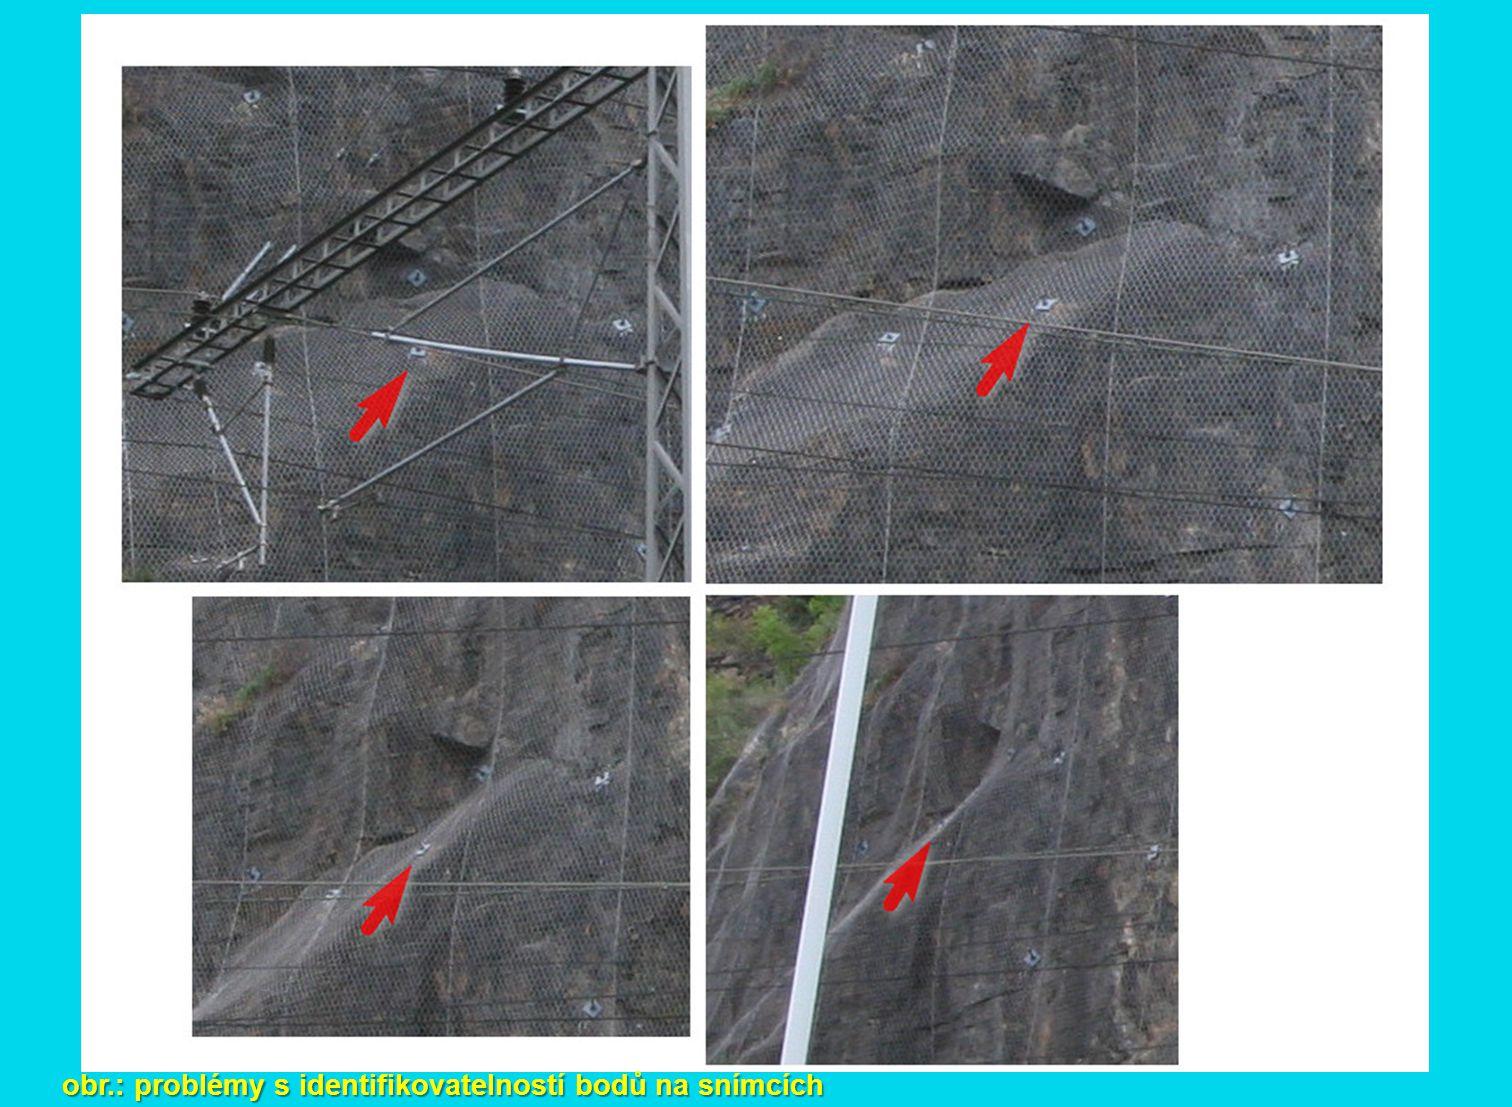 obr.: problémy s identifikovatelností bodů na snímcích